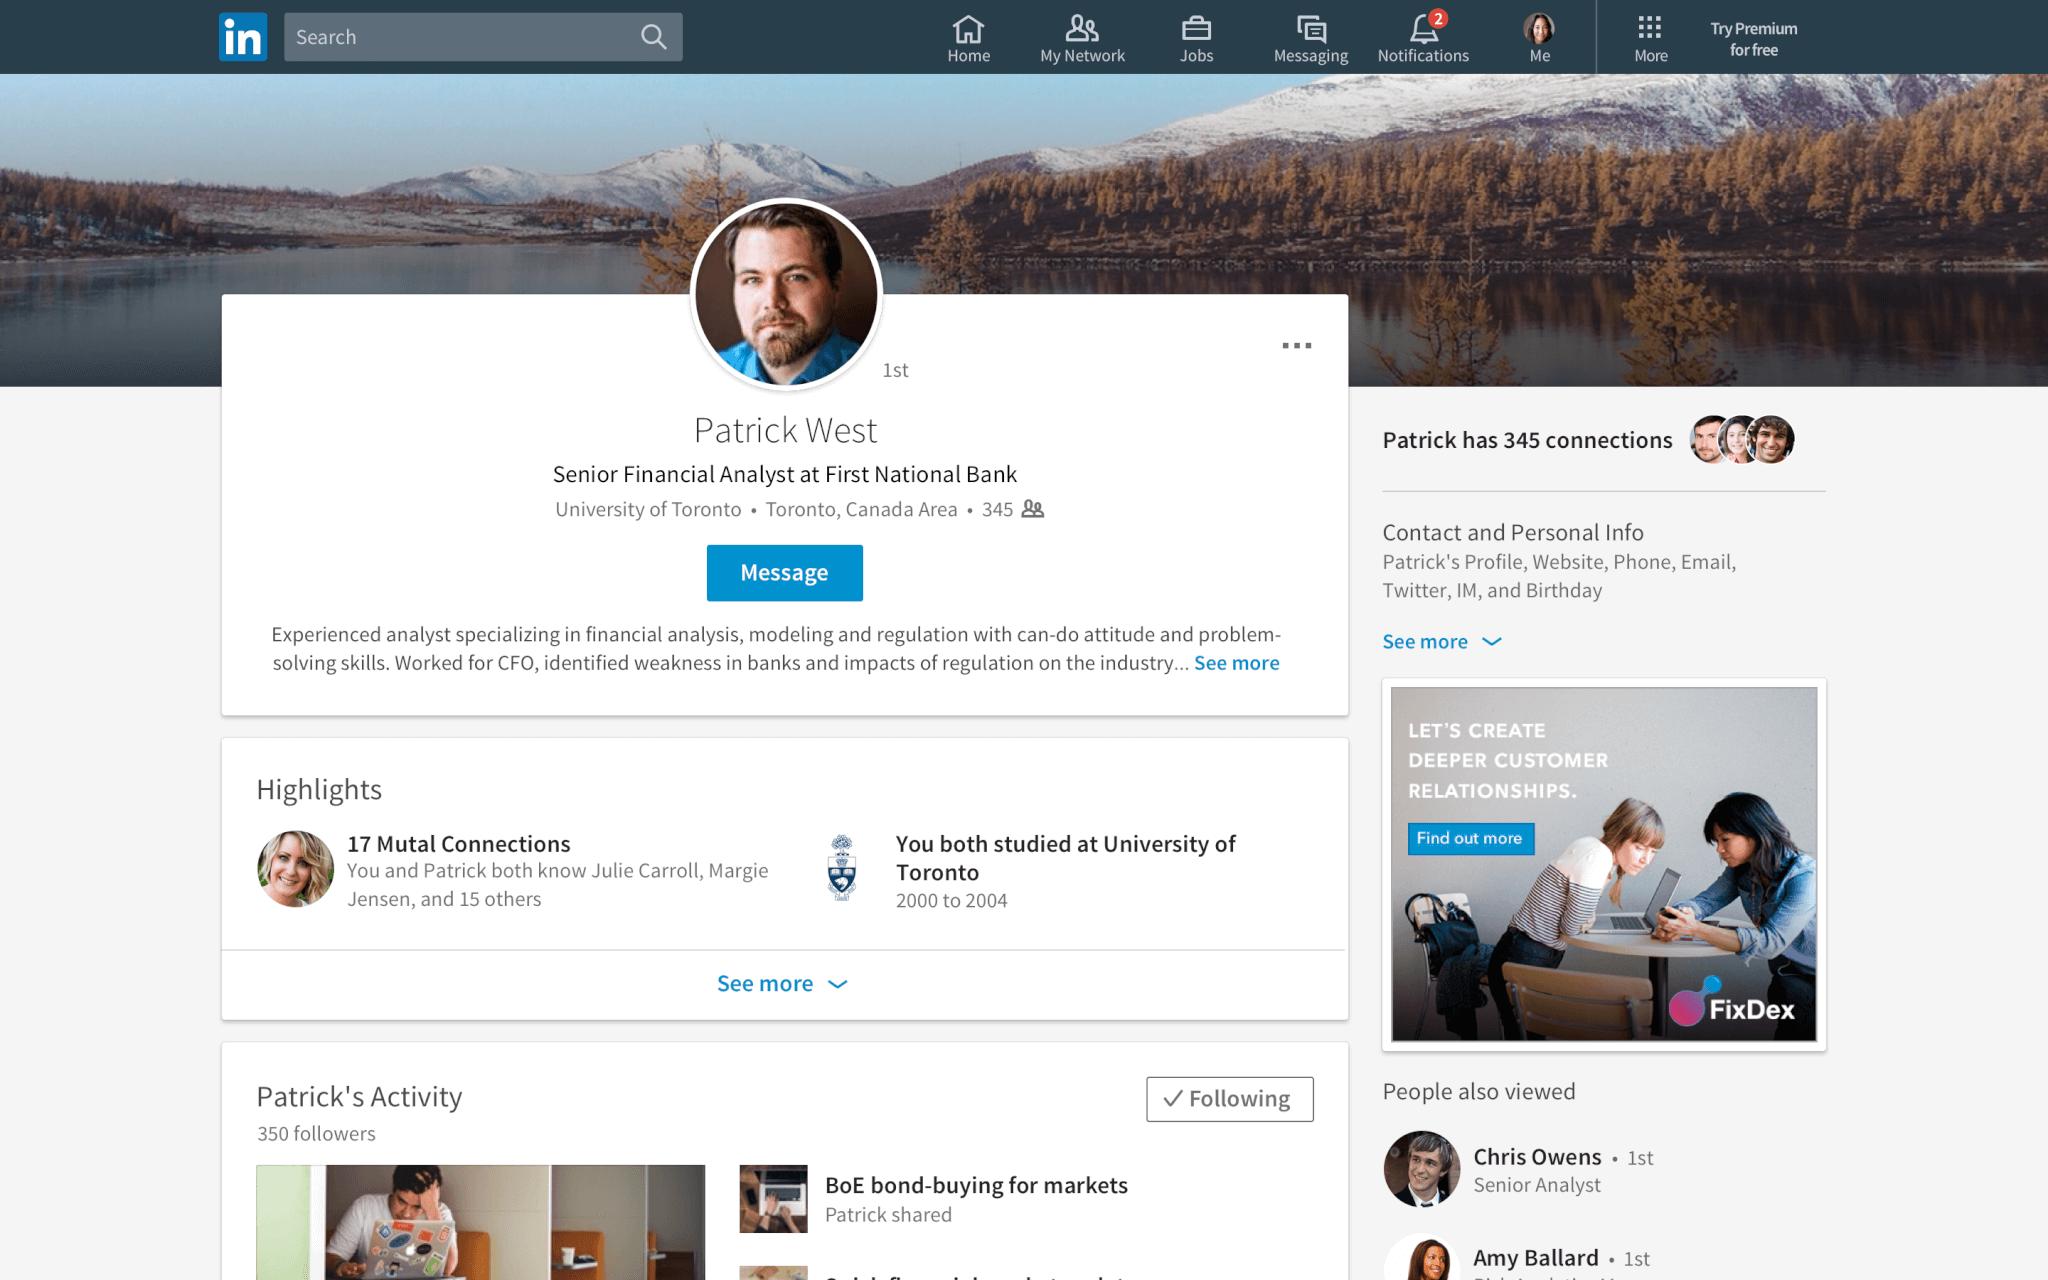 Member profiles shown in LinkedIn's desktop app redesign (2017).